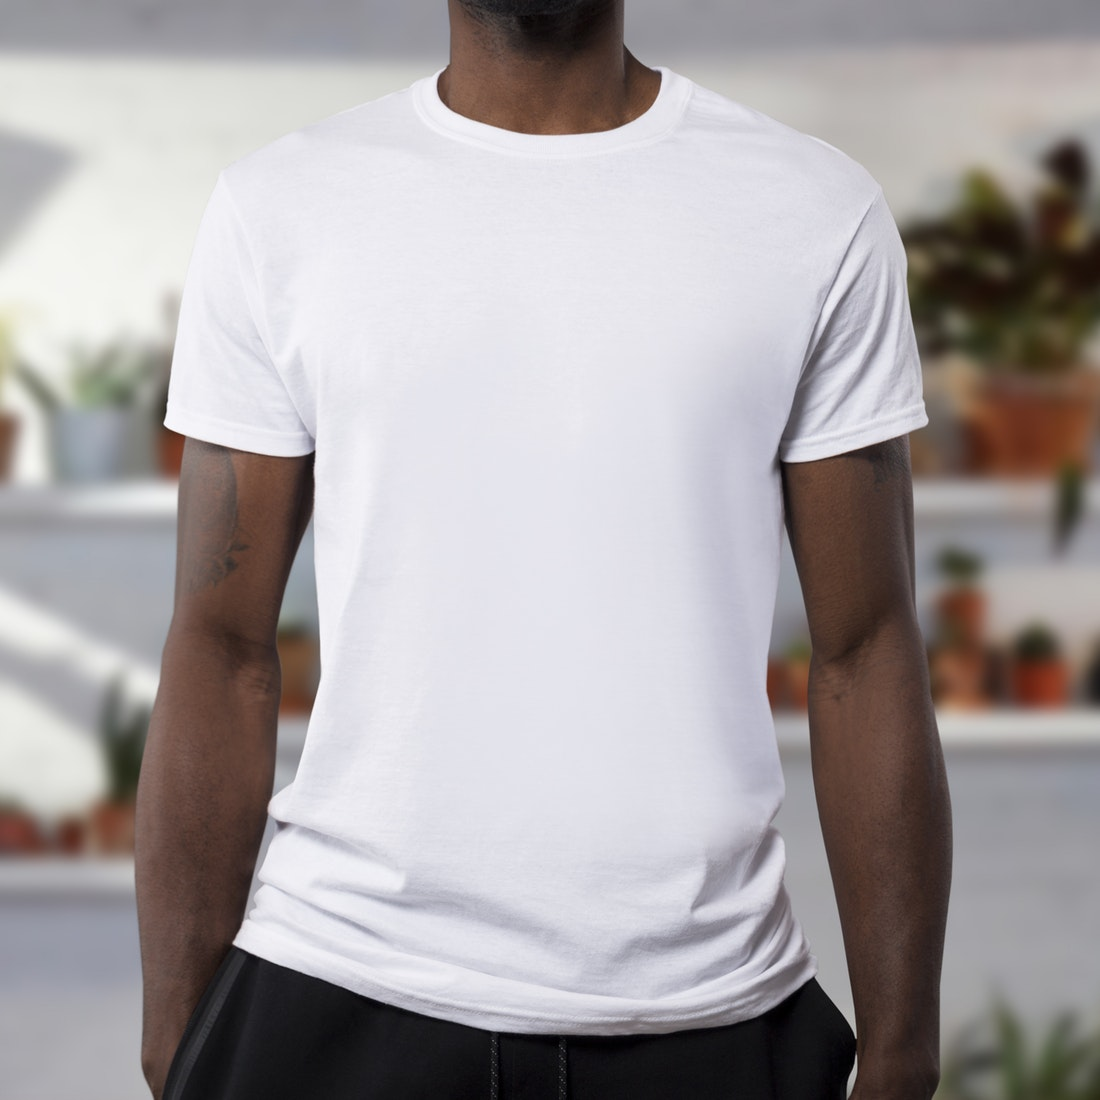 Billige t skjorter med trykk – t skjorter medtrykk.no